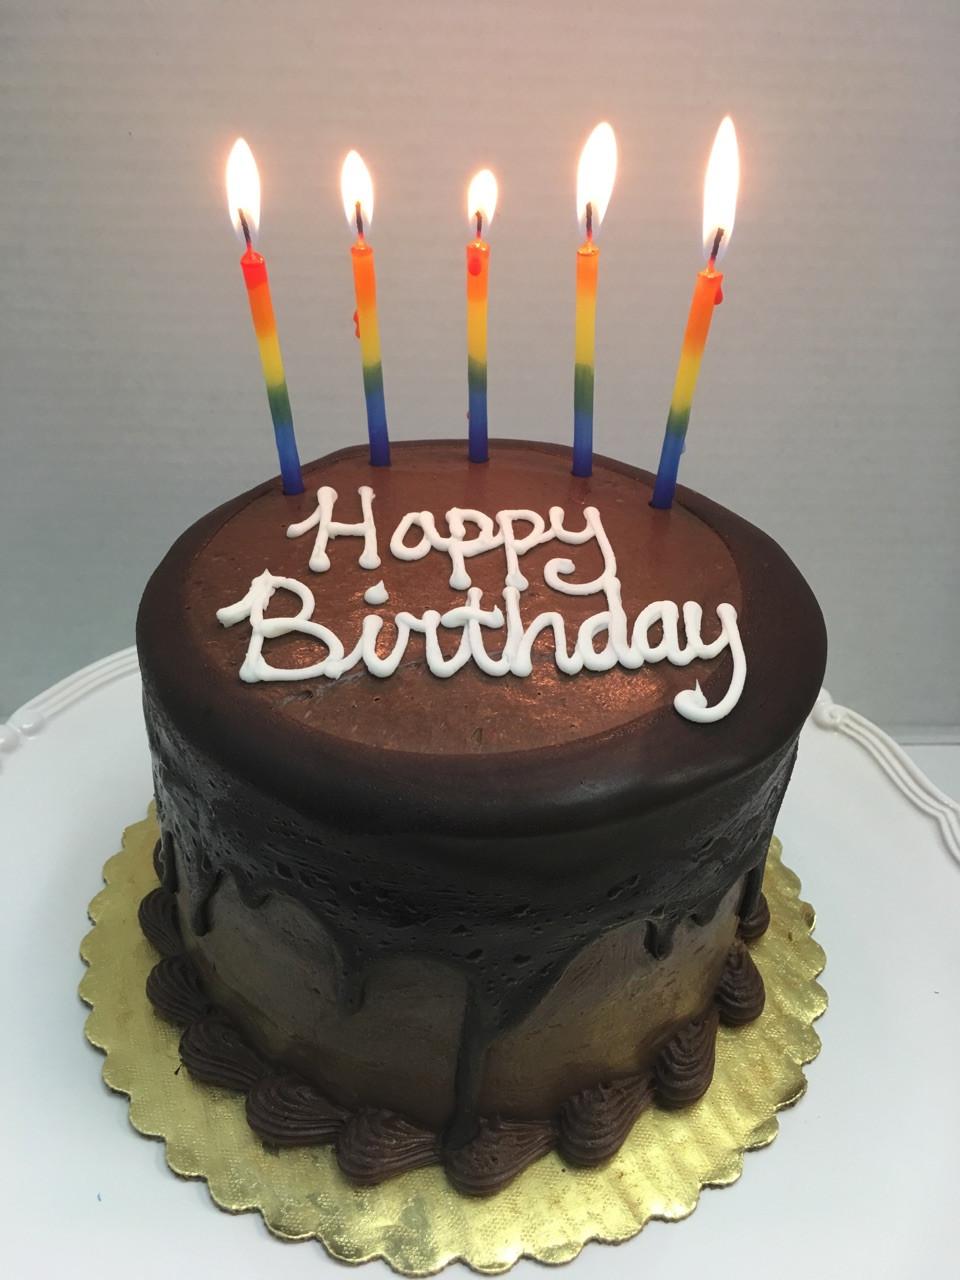 Happy Birthday Cake Images  Happy Birthday Prize Winning Chocolate Layer Cake 4 Layer